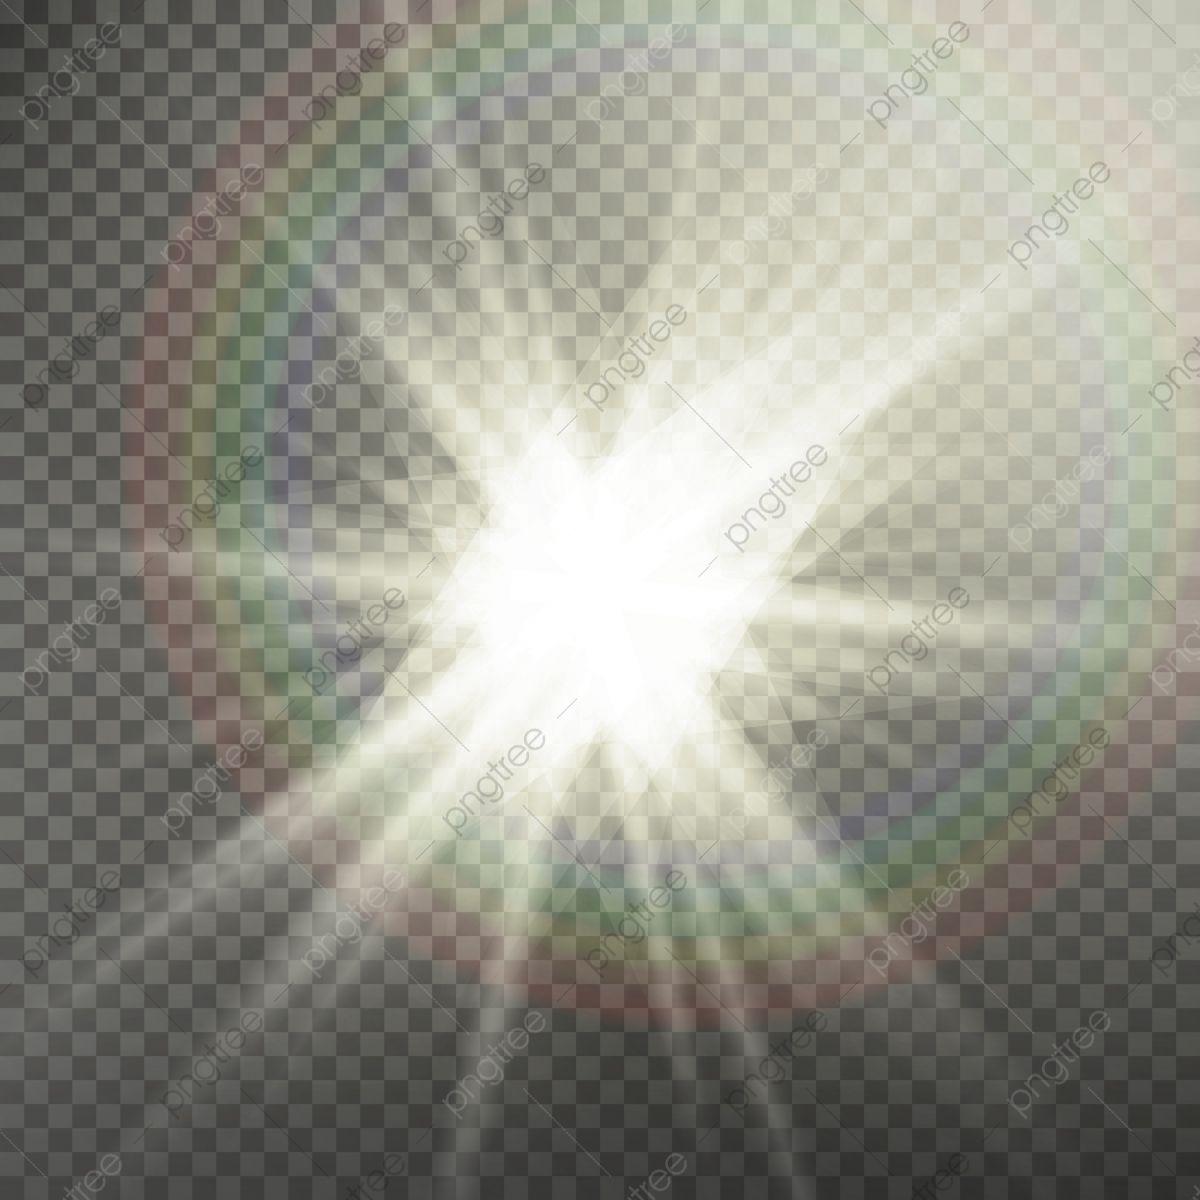 Luz Del Sol Destello De Lente Especial Efecto De Luz Destello De Luz Efecto Especial Aislado Sobre Fondo Transparente Ilustracion Vectorial Resumen Antecedent Fondo Transparente Ilustracion Vectorial Imagenes Abstractas